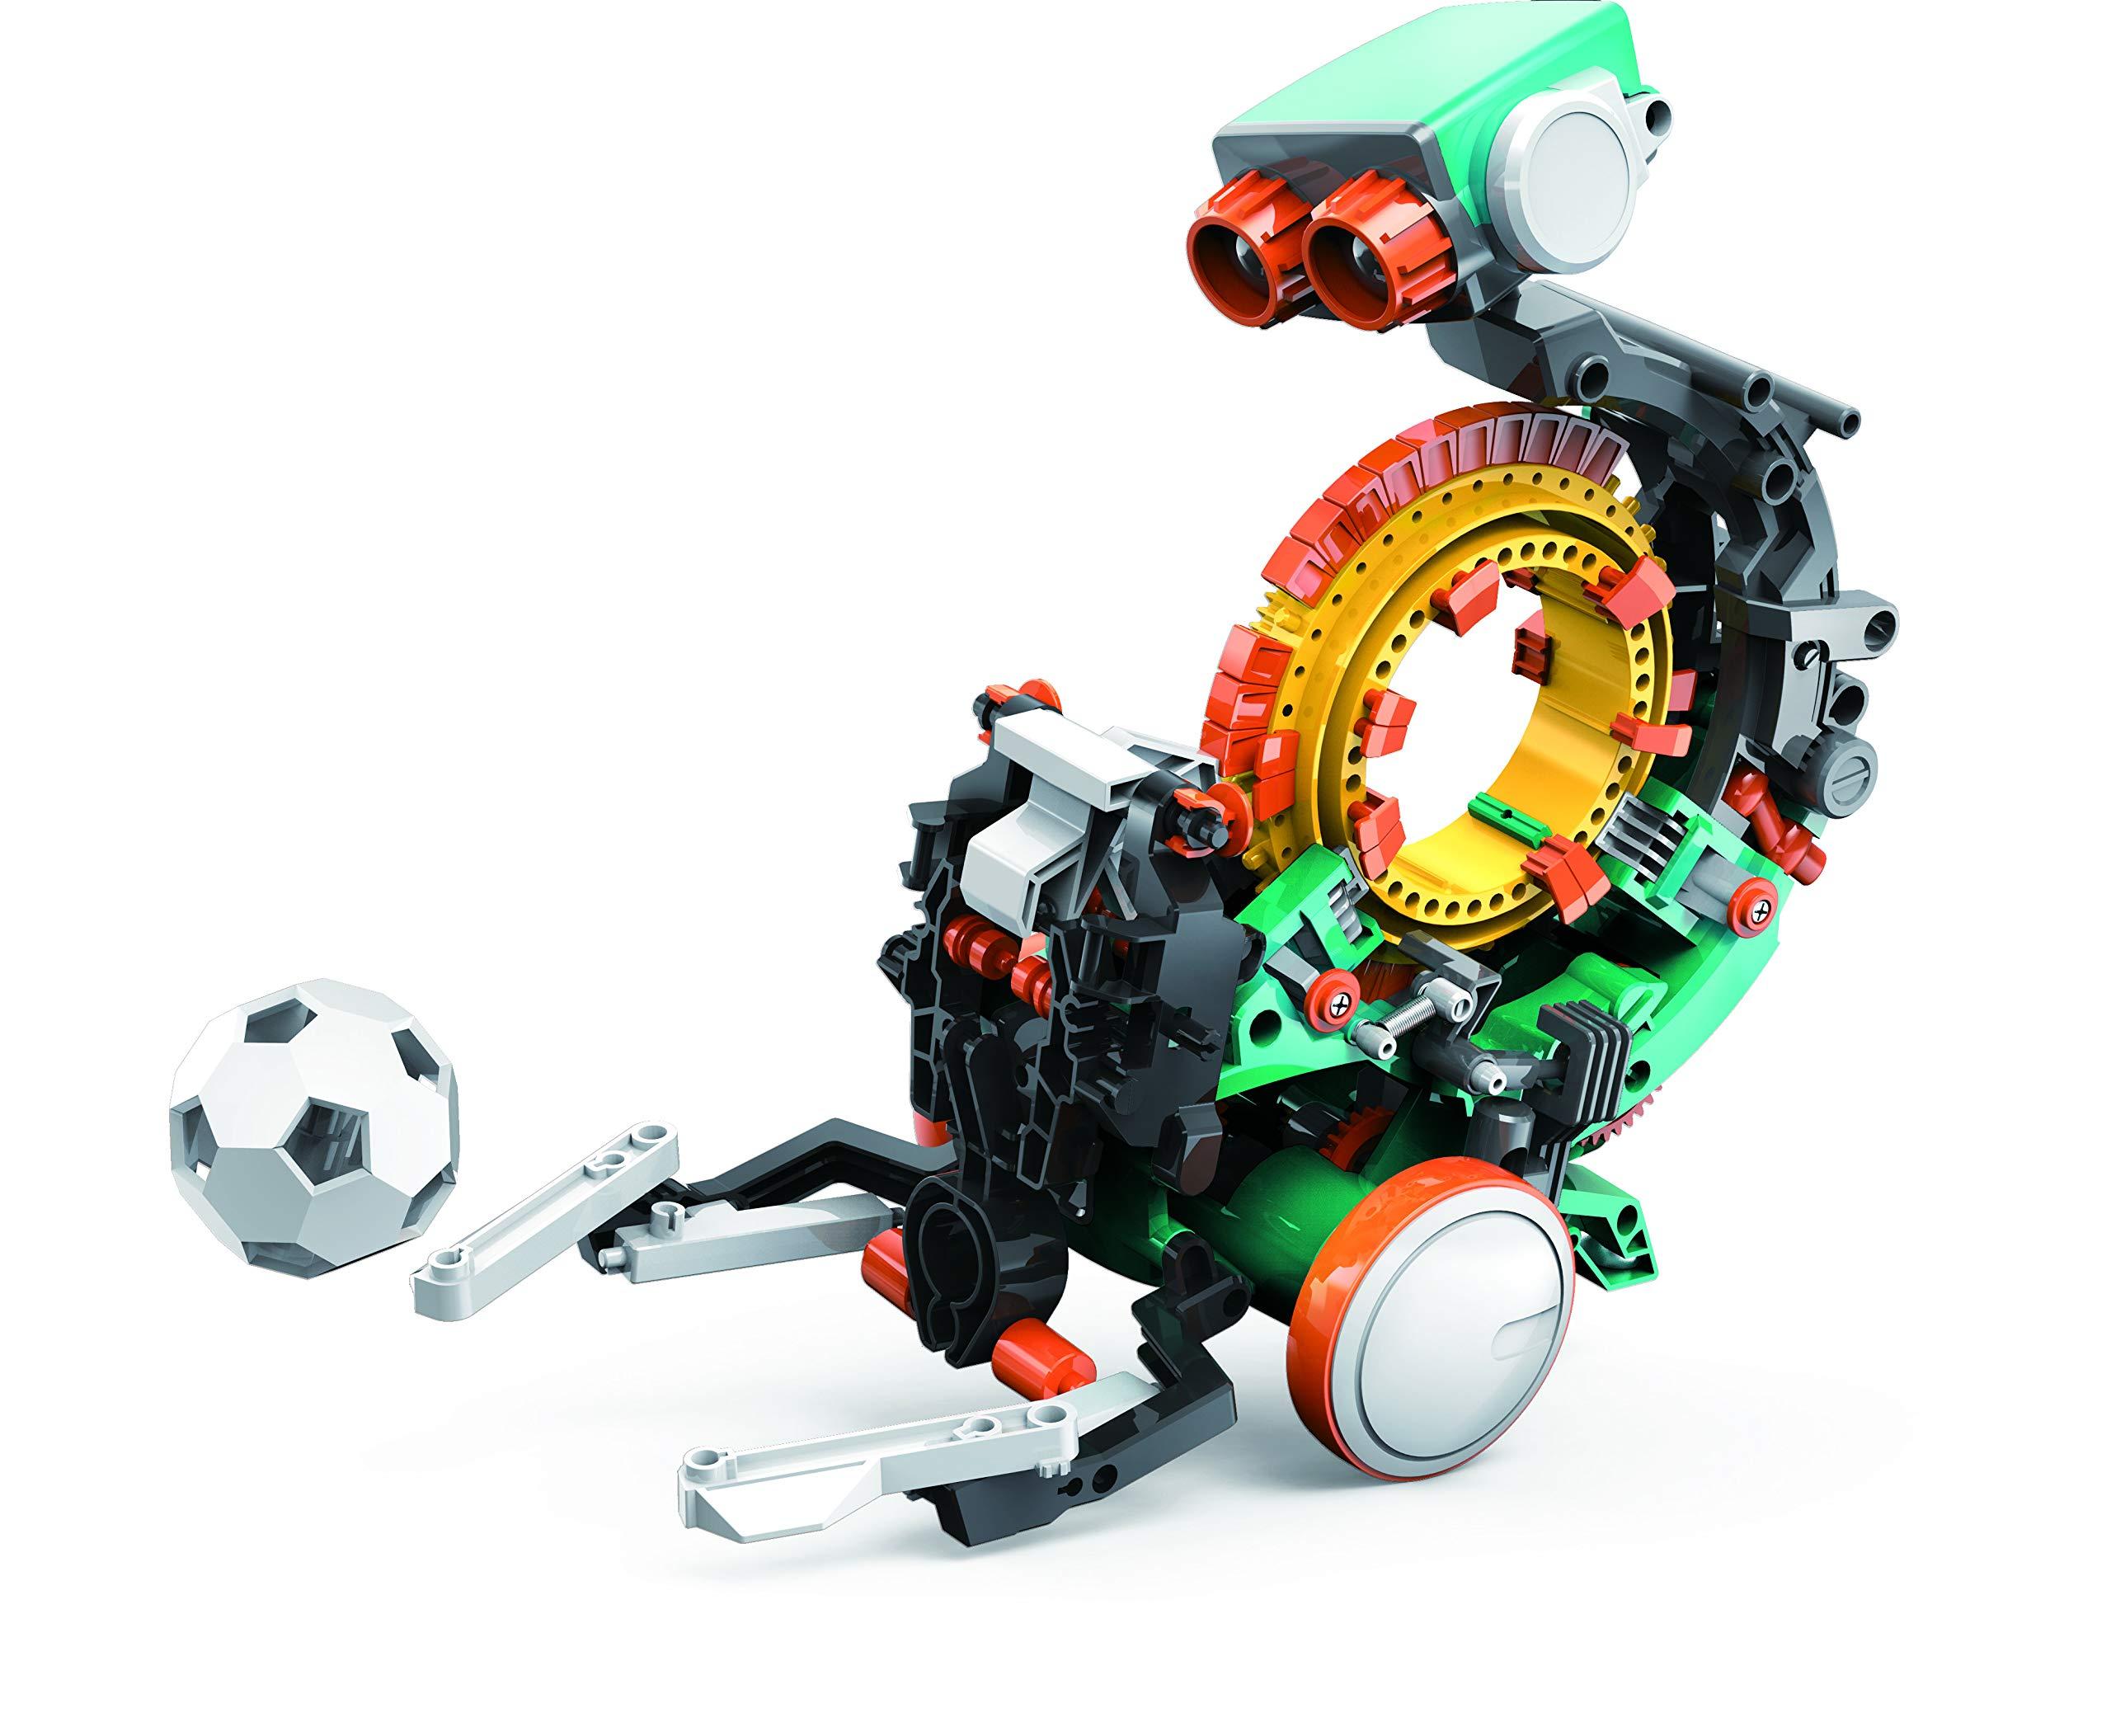 Robot Educativo para armar y programar Snap Circuits